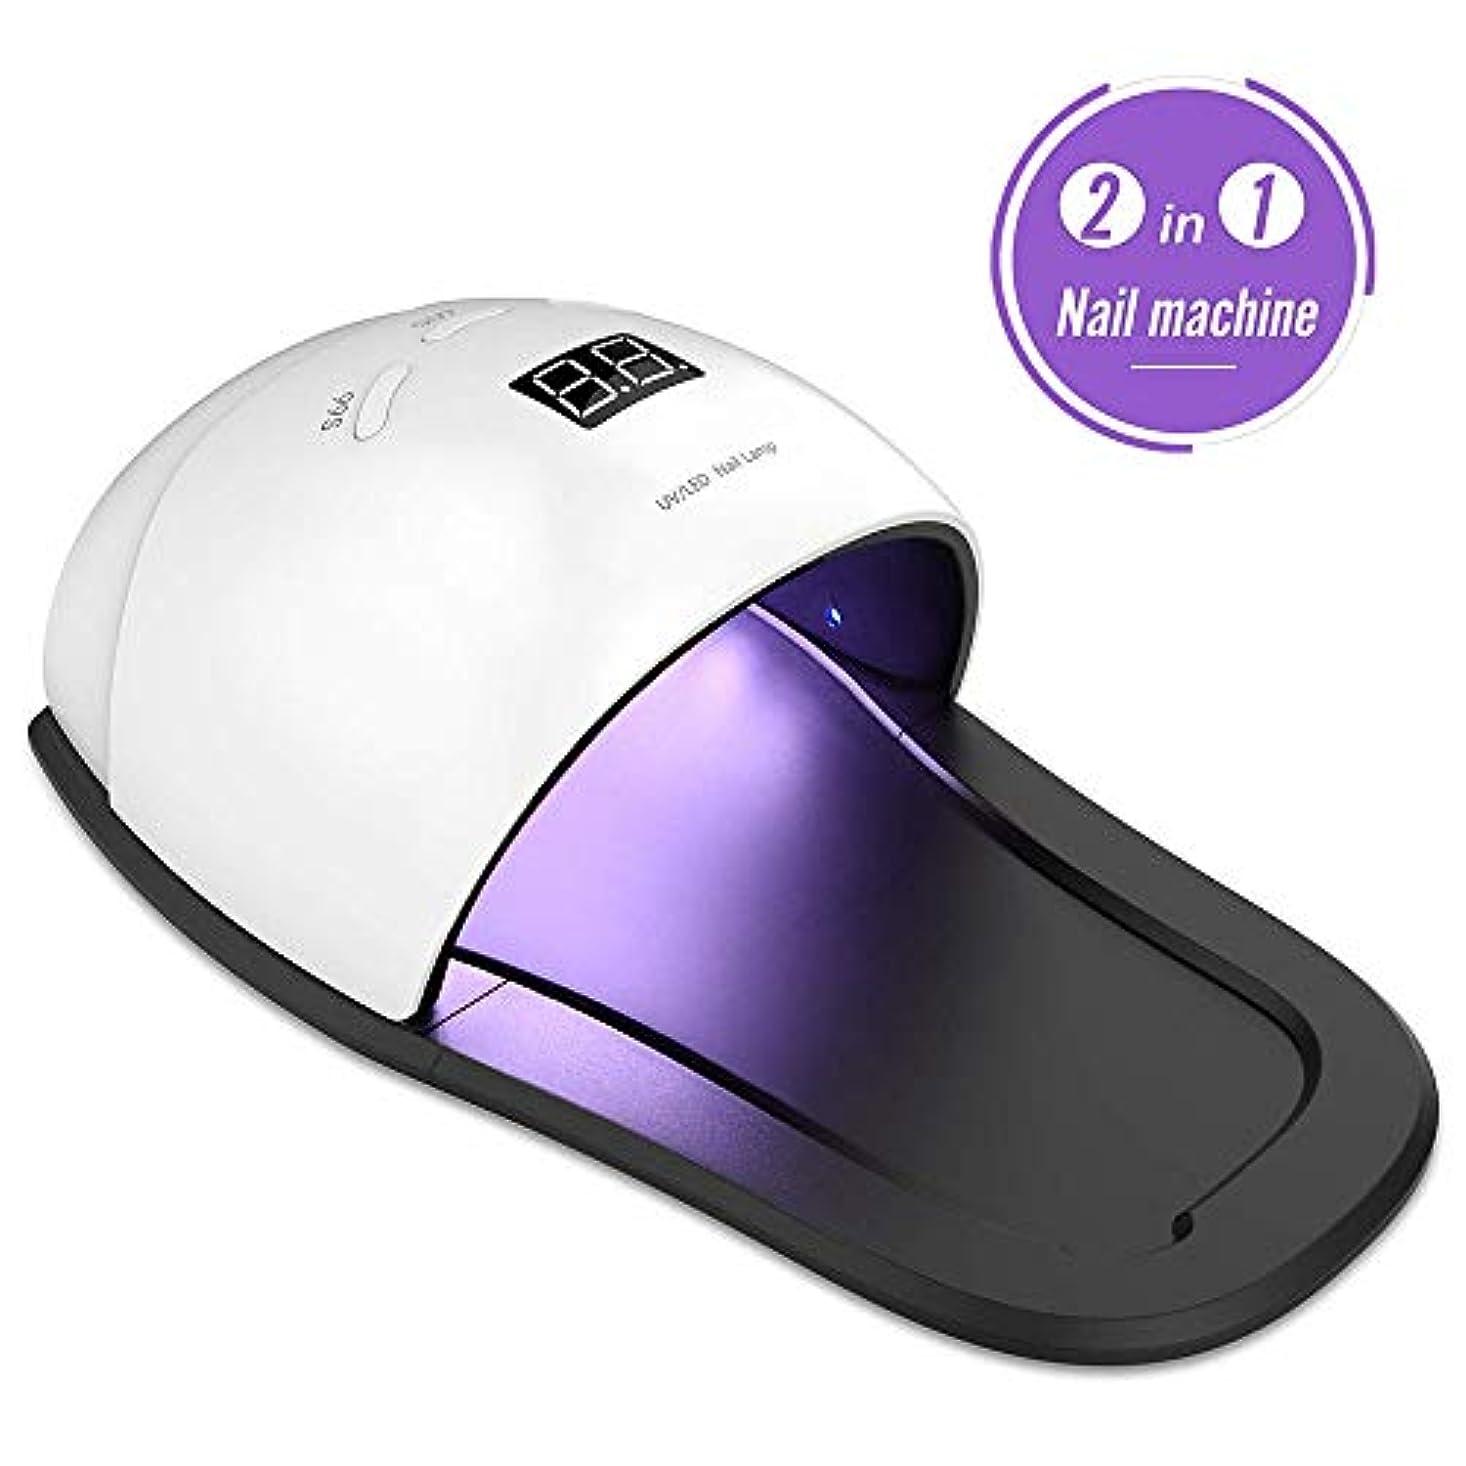 展開する動的明快ネイルランプ、LED 48W UVネイルドライヤー、足指ネイルと指ネイルを硬化させるための新バージョン、スマート自動感知3タイマー設定、ポータブルミニプロフェッショナルクイックLEDネイルキュア